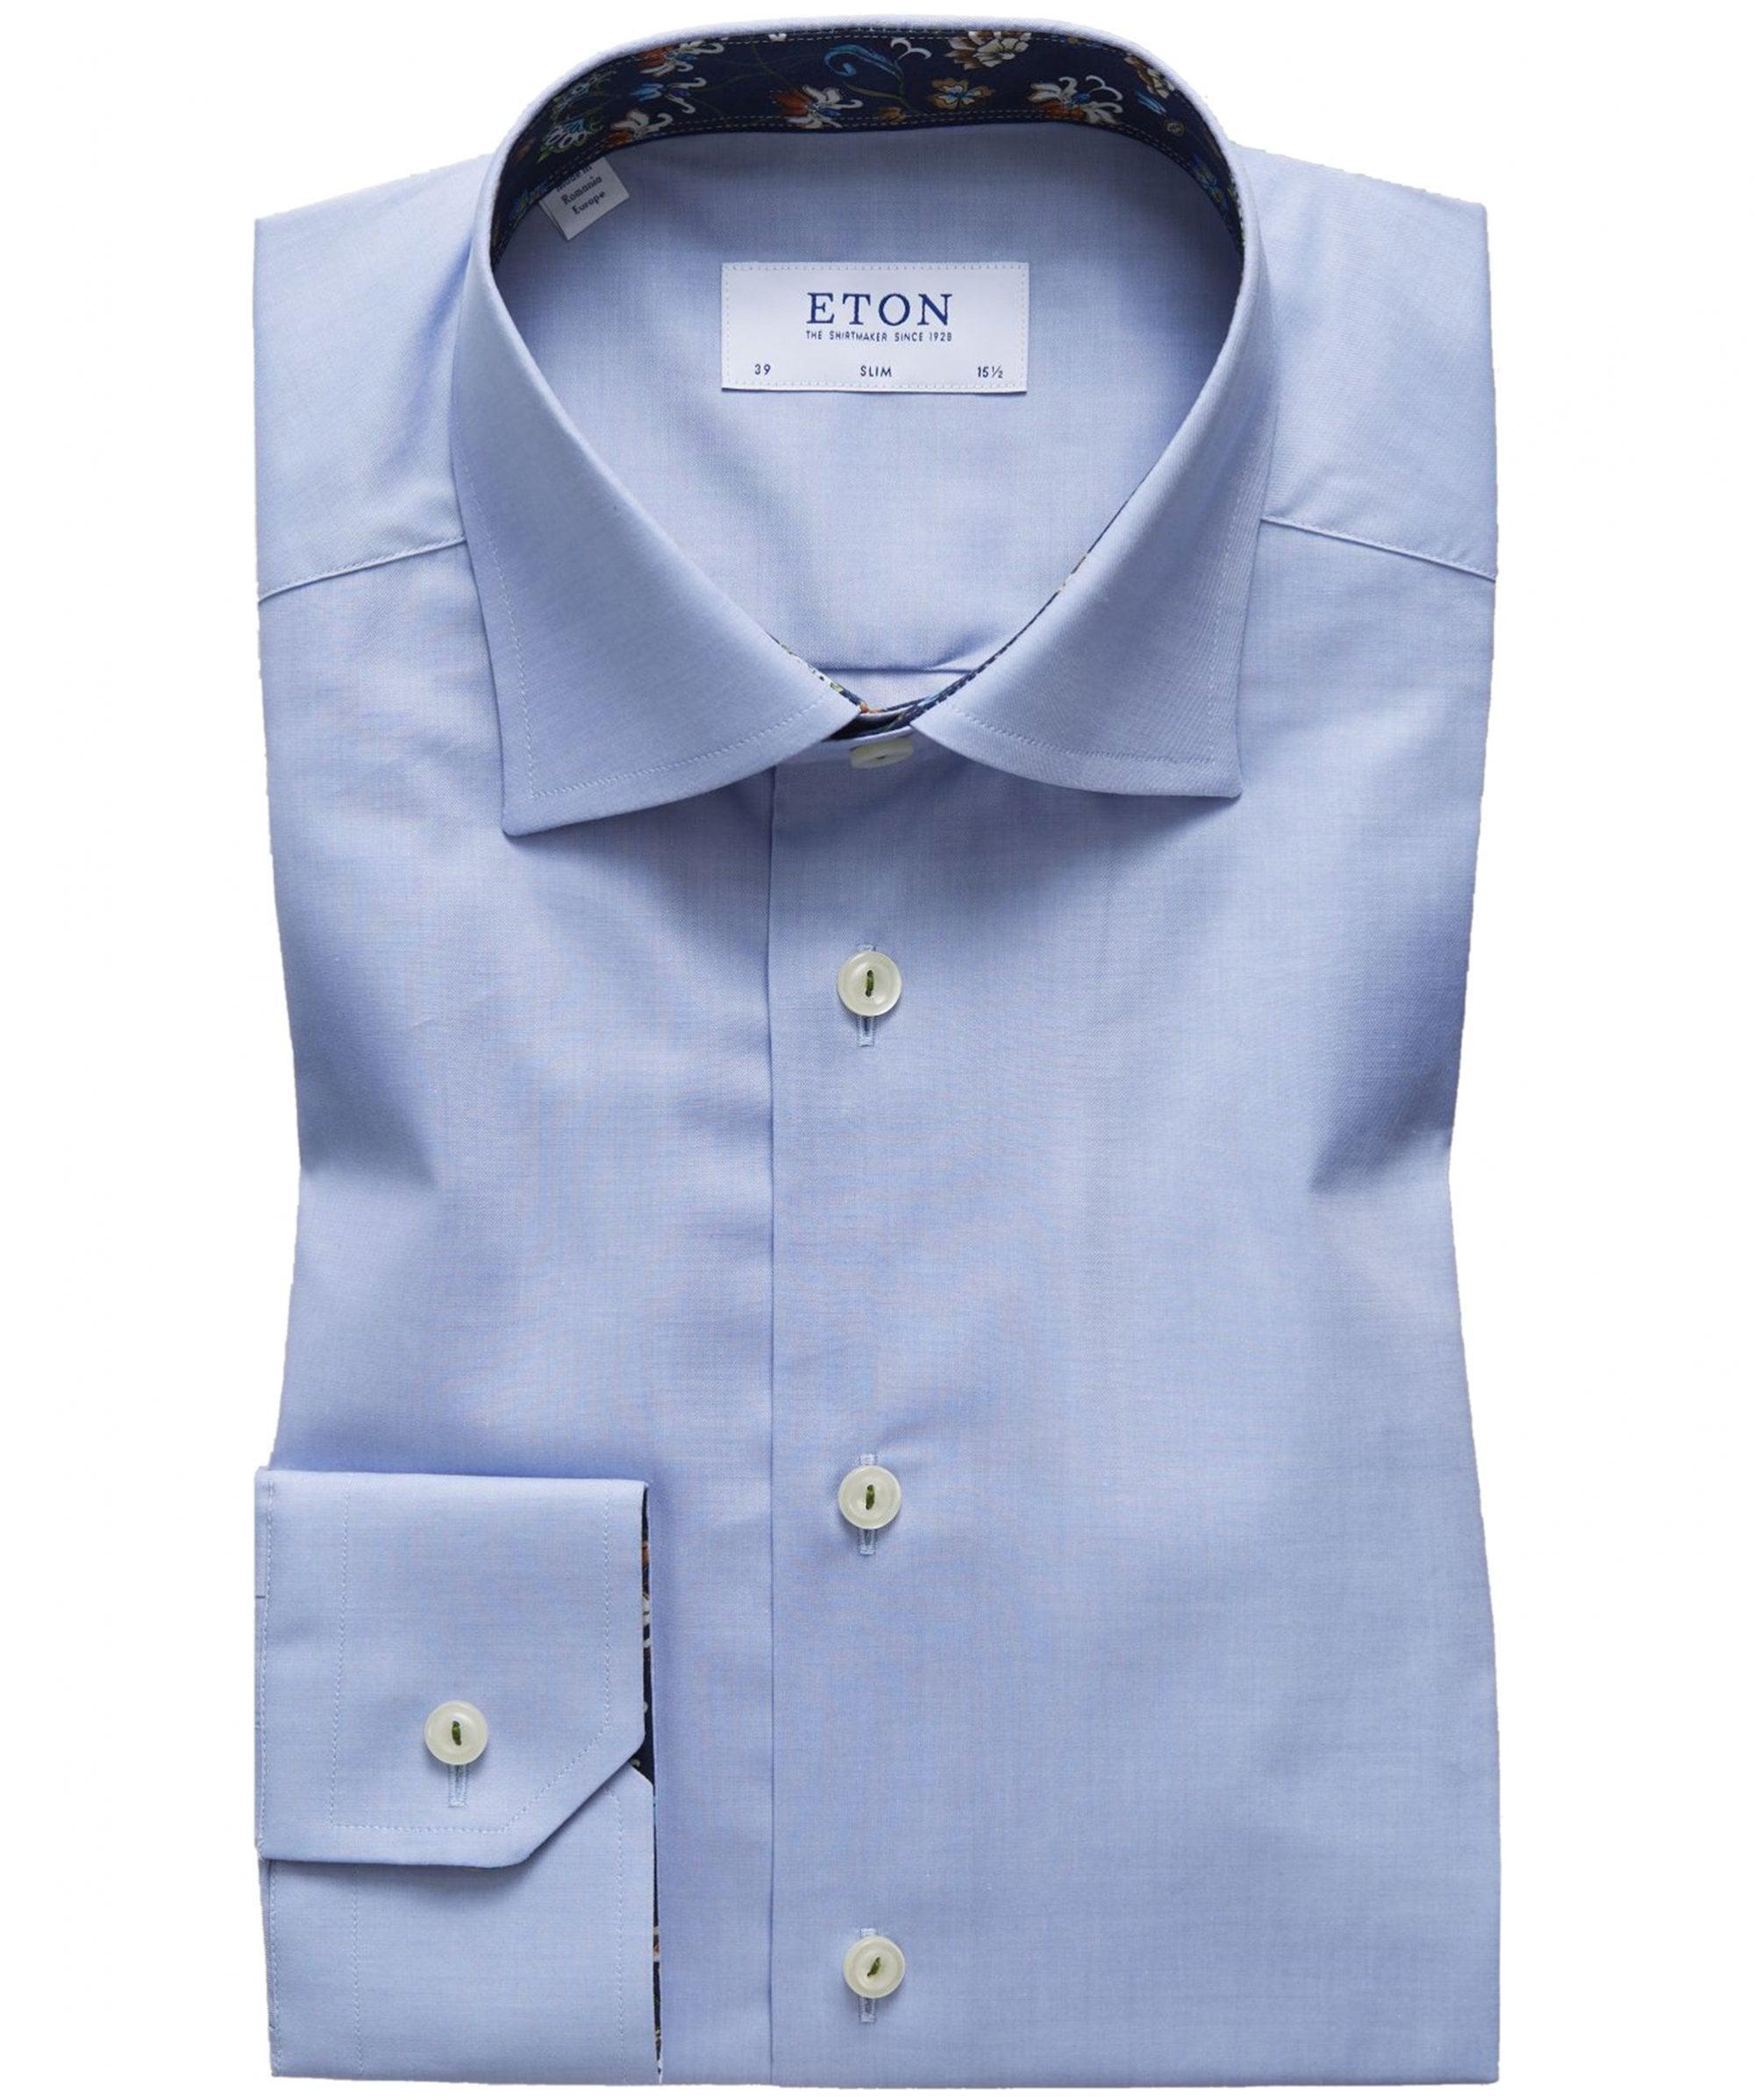 a040953fca5 Lyst - Eton of Sweden Slim Fit Floral Trim Shirt in Blue for Men ...